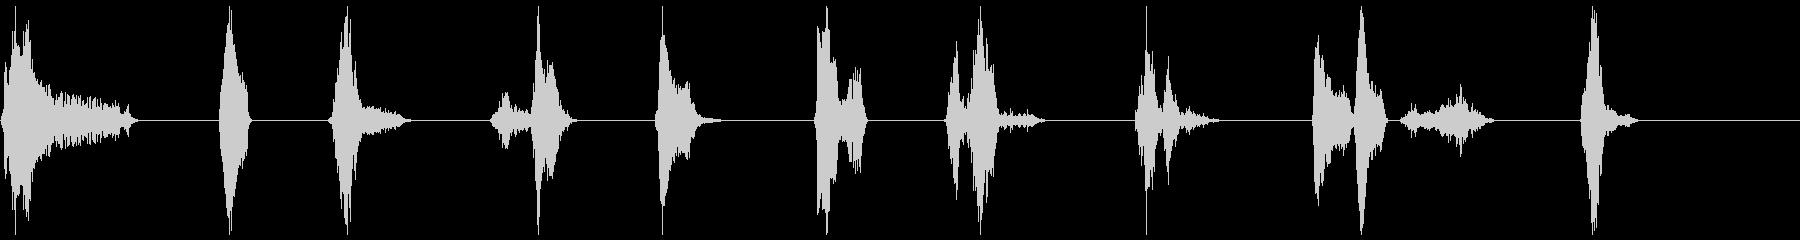 単一ボーカルの影響、男性31〜40の未再生の波形